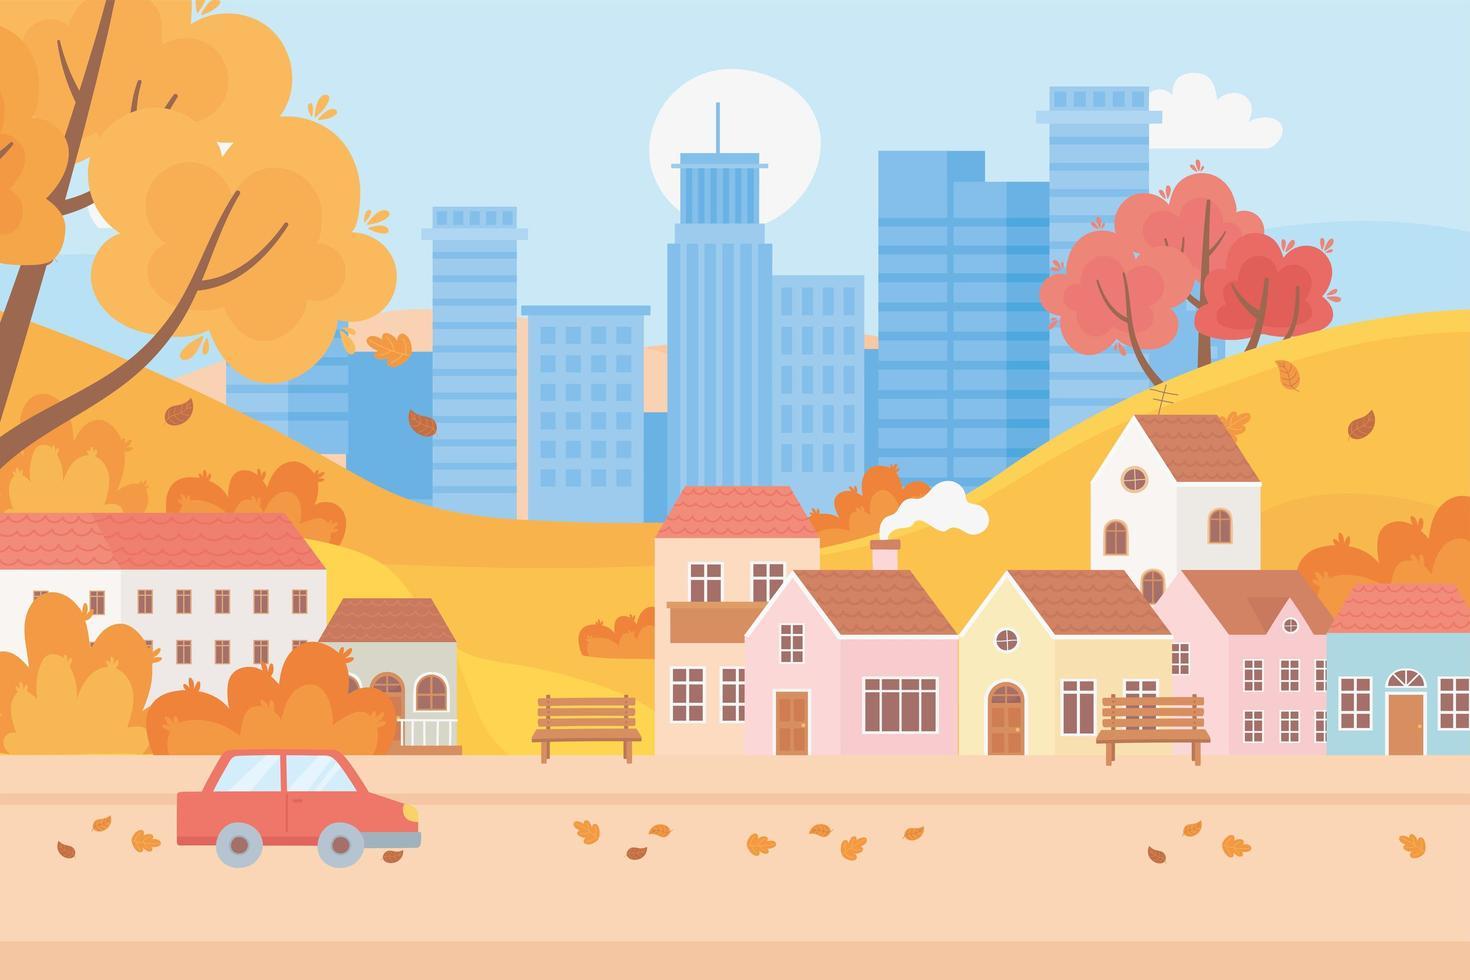 paisagem no outono. paisagem urbana casas urbanas e suburbanas vetor